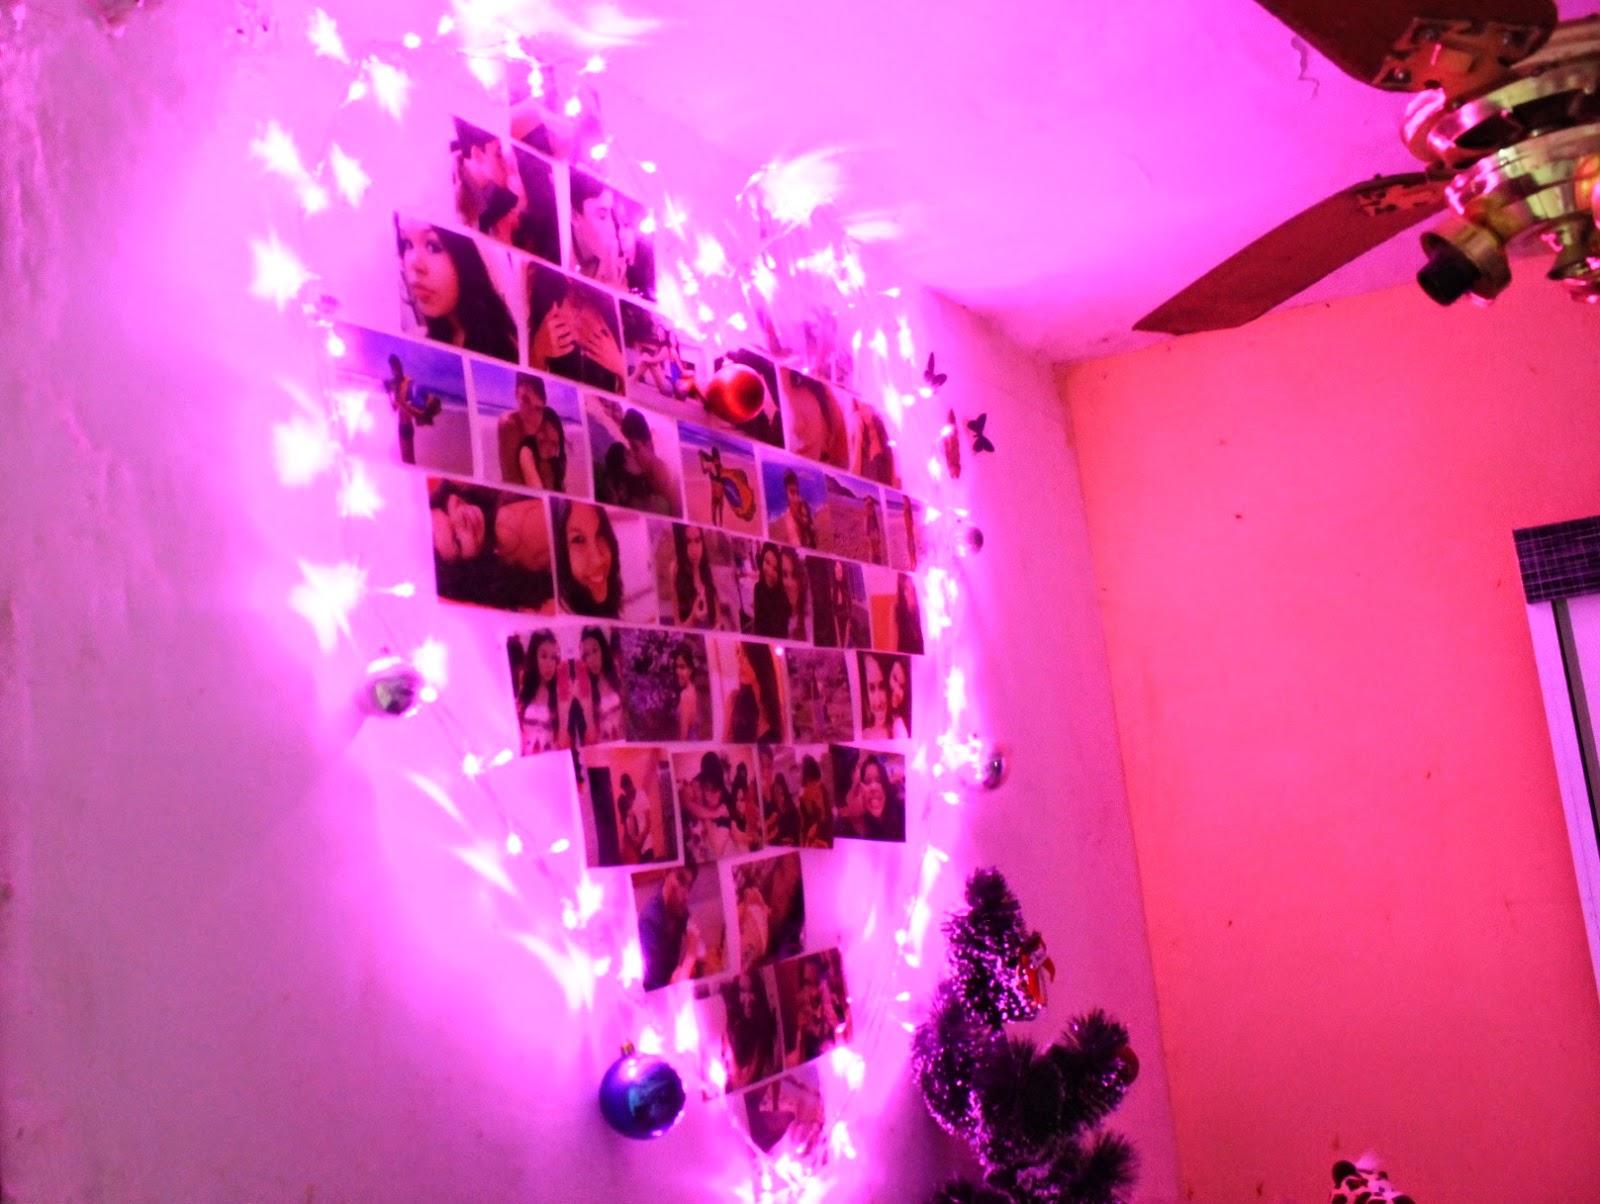 decoração barata para natal, pisca-pisca, decorando quarto no natal